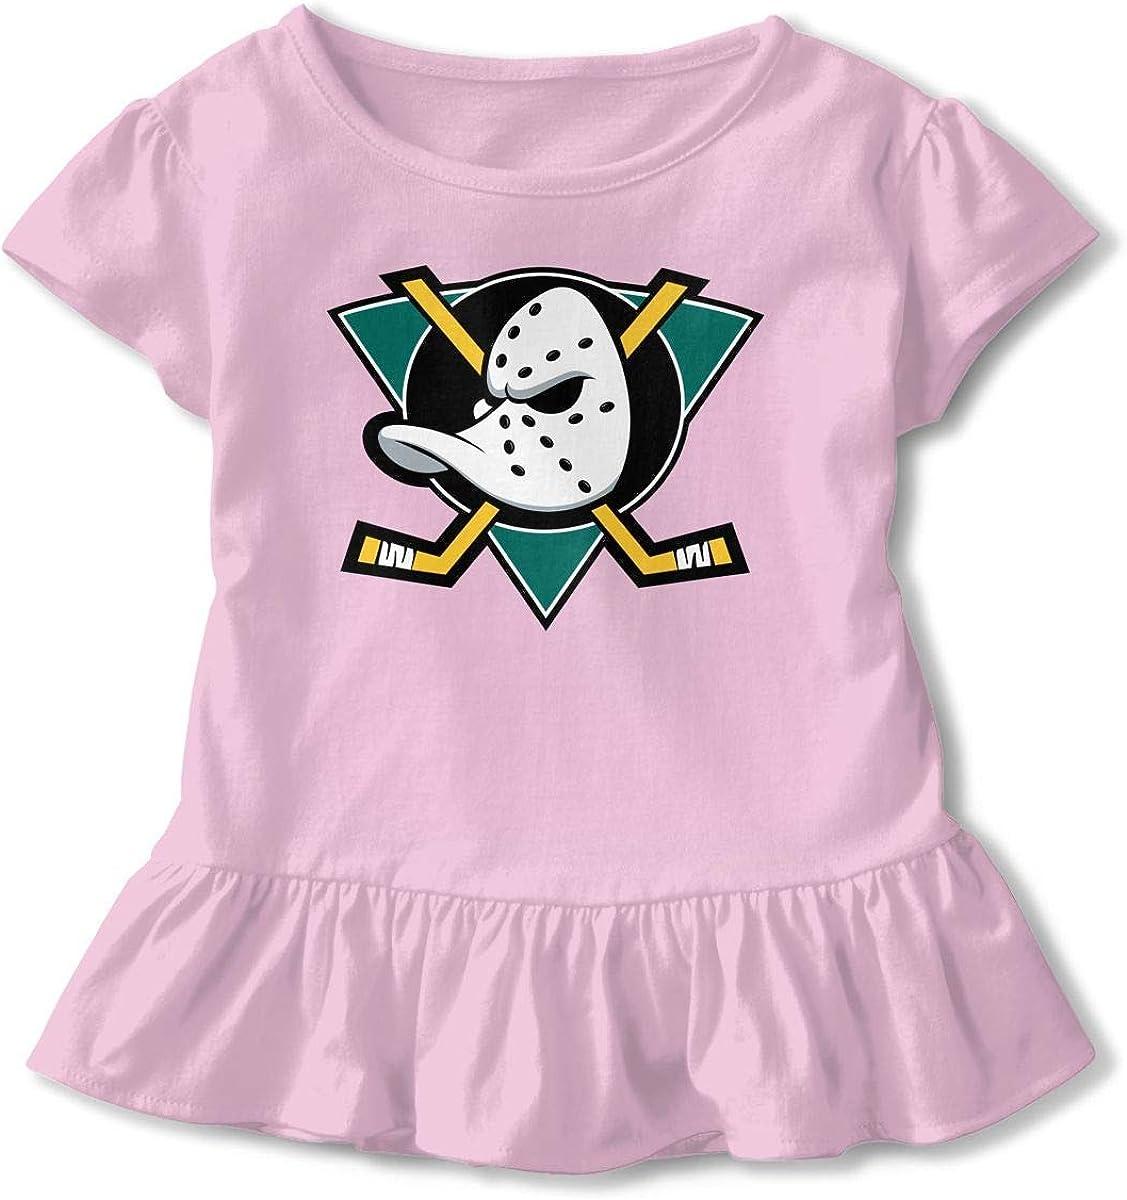 Mighty Ducks 3D Tee Baseball Ruffle Short Sleeve Cotton T Shirt Top for Girls Kids Pink4T